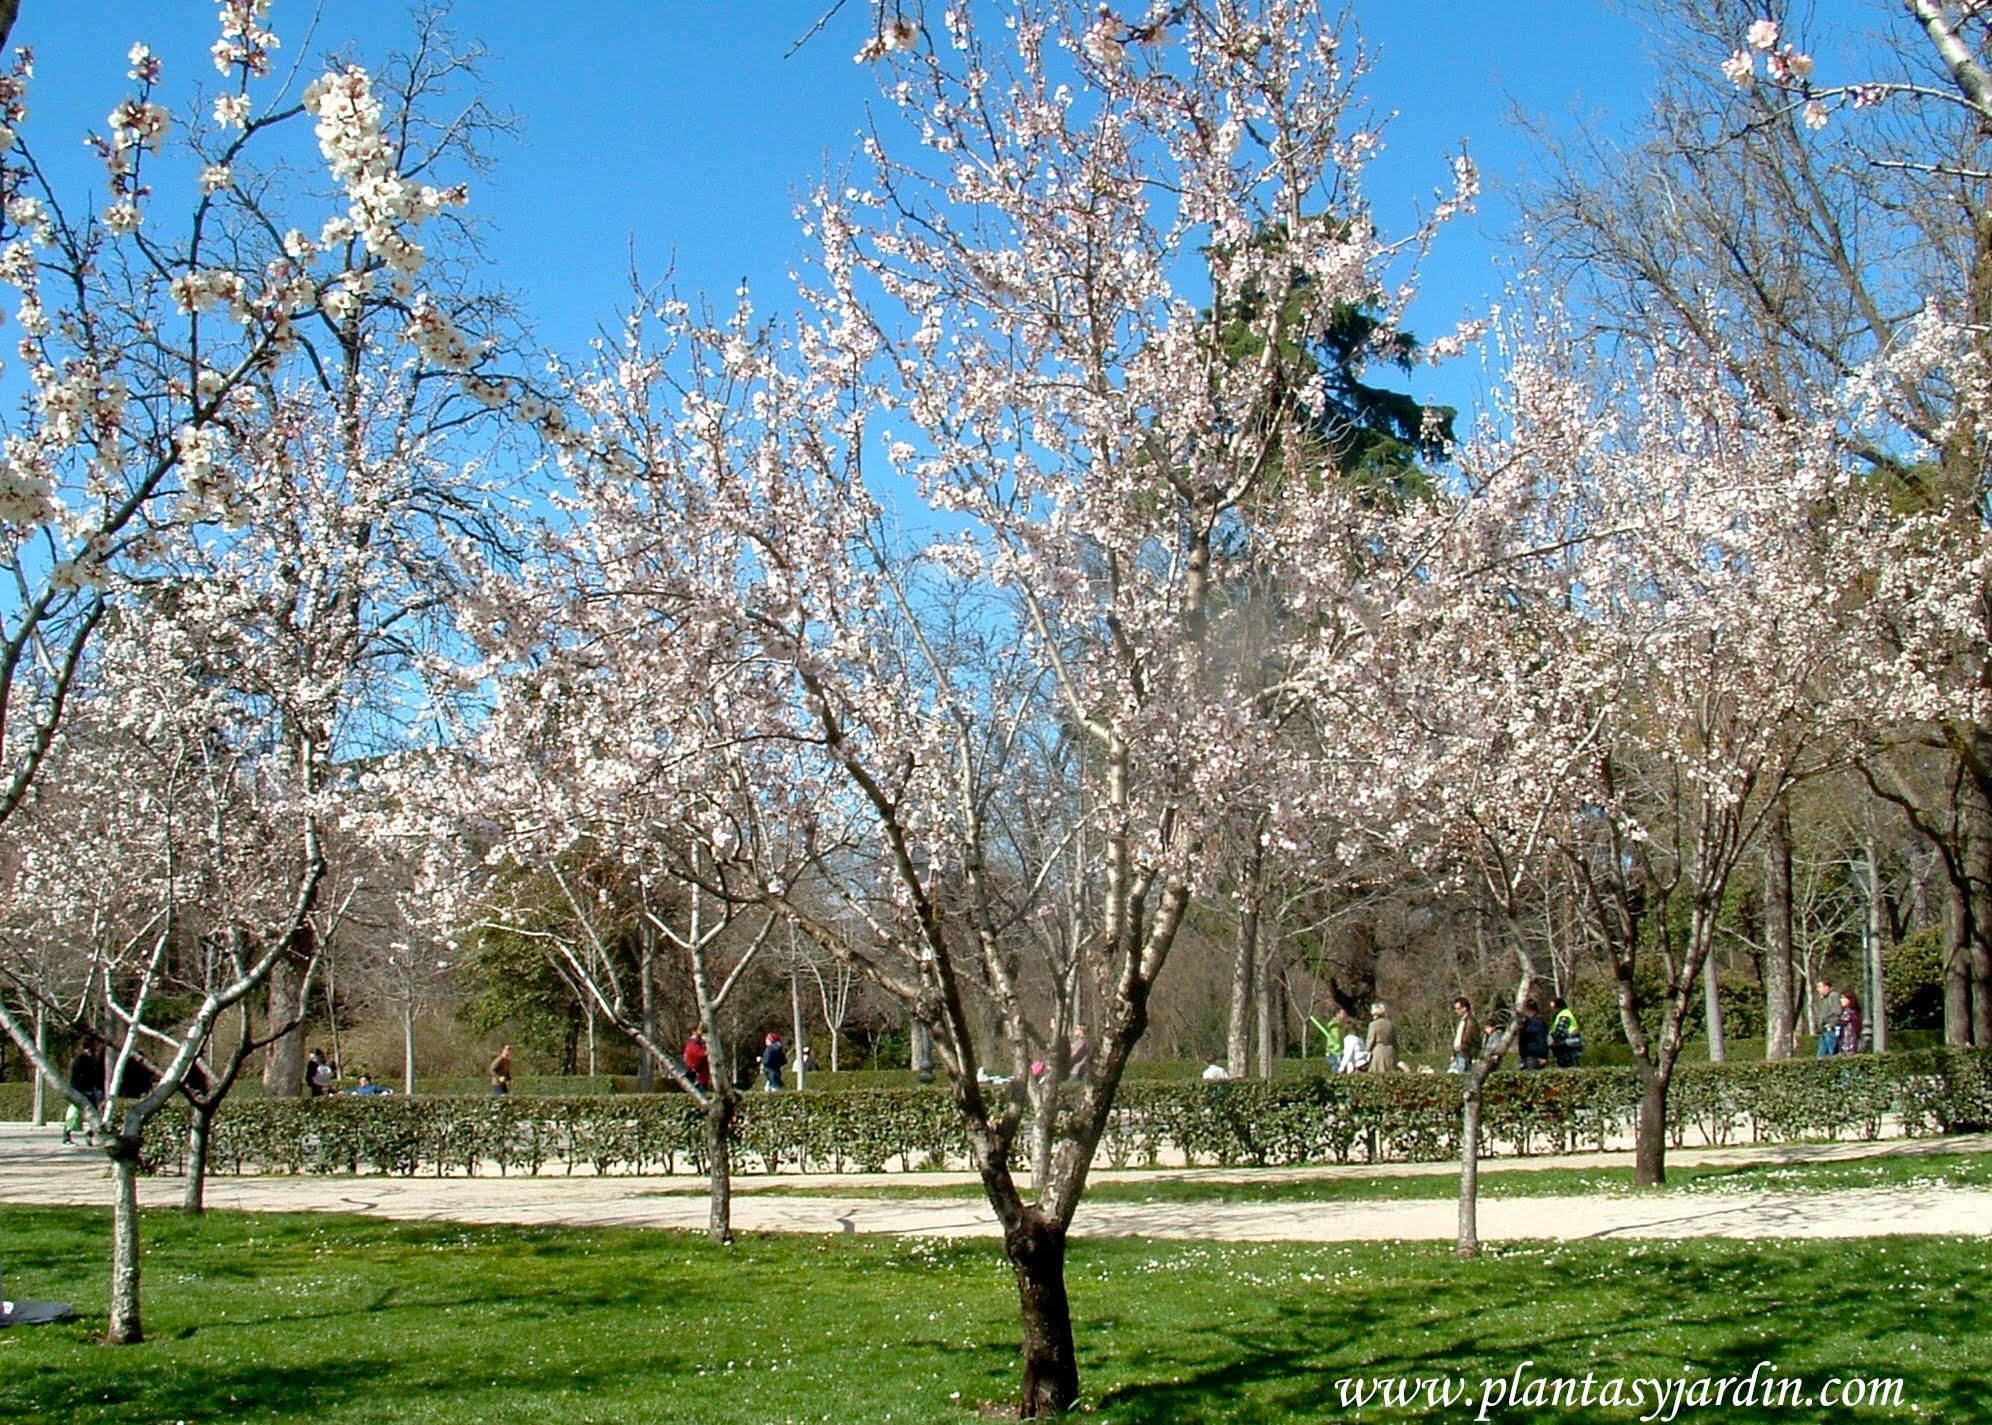 Prunus dulcis almendros de flores blancas a finales del for Ver imagenes de jardines de invierno